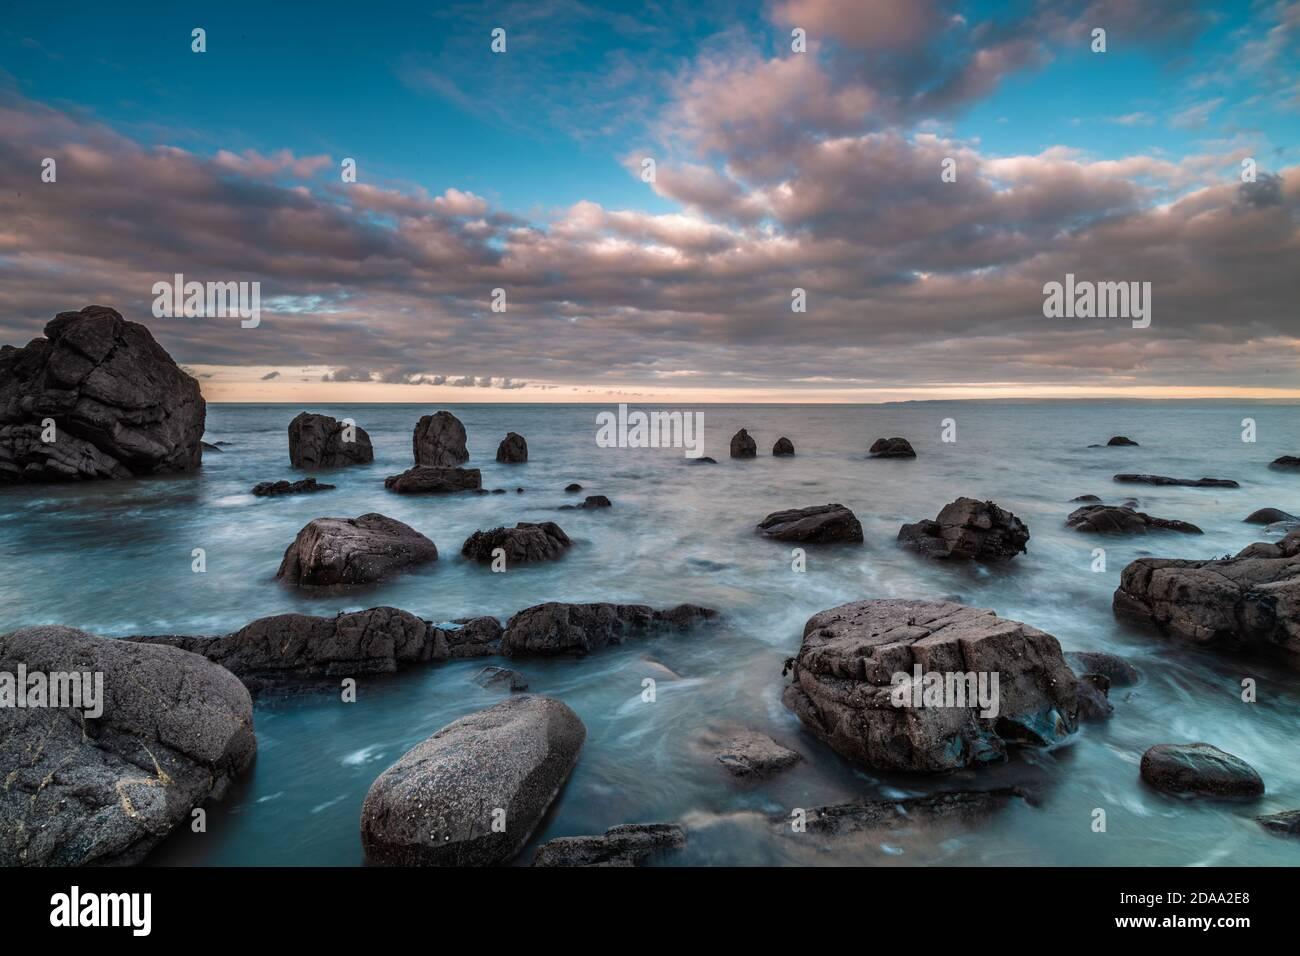 Lange Exposition des Meeres und Felsen Felsen bei schwarz kirche Rock Devon Stockfoto